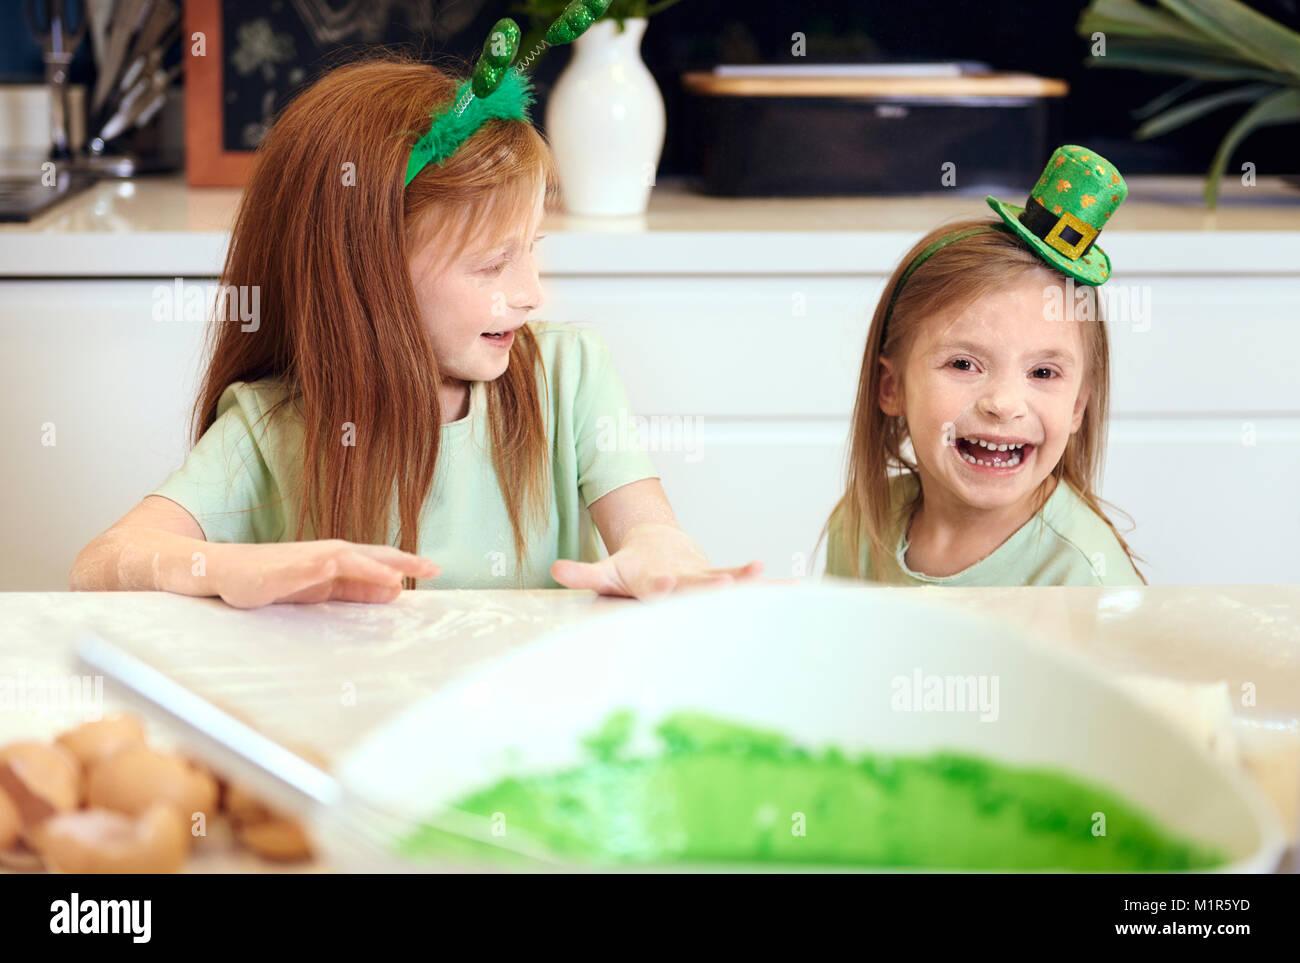 Cheerful siblings having a fun at kitchen - Stock Image